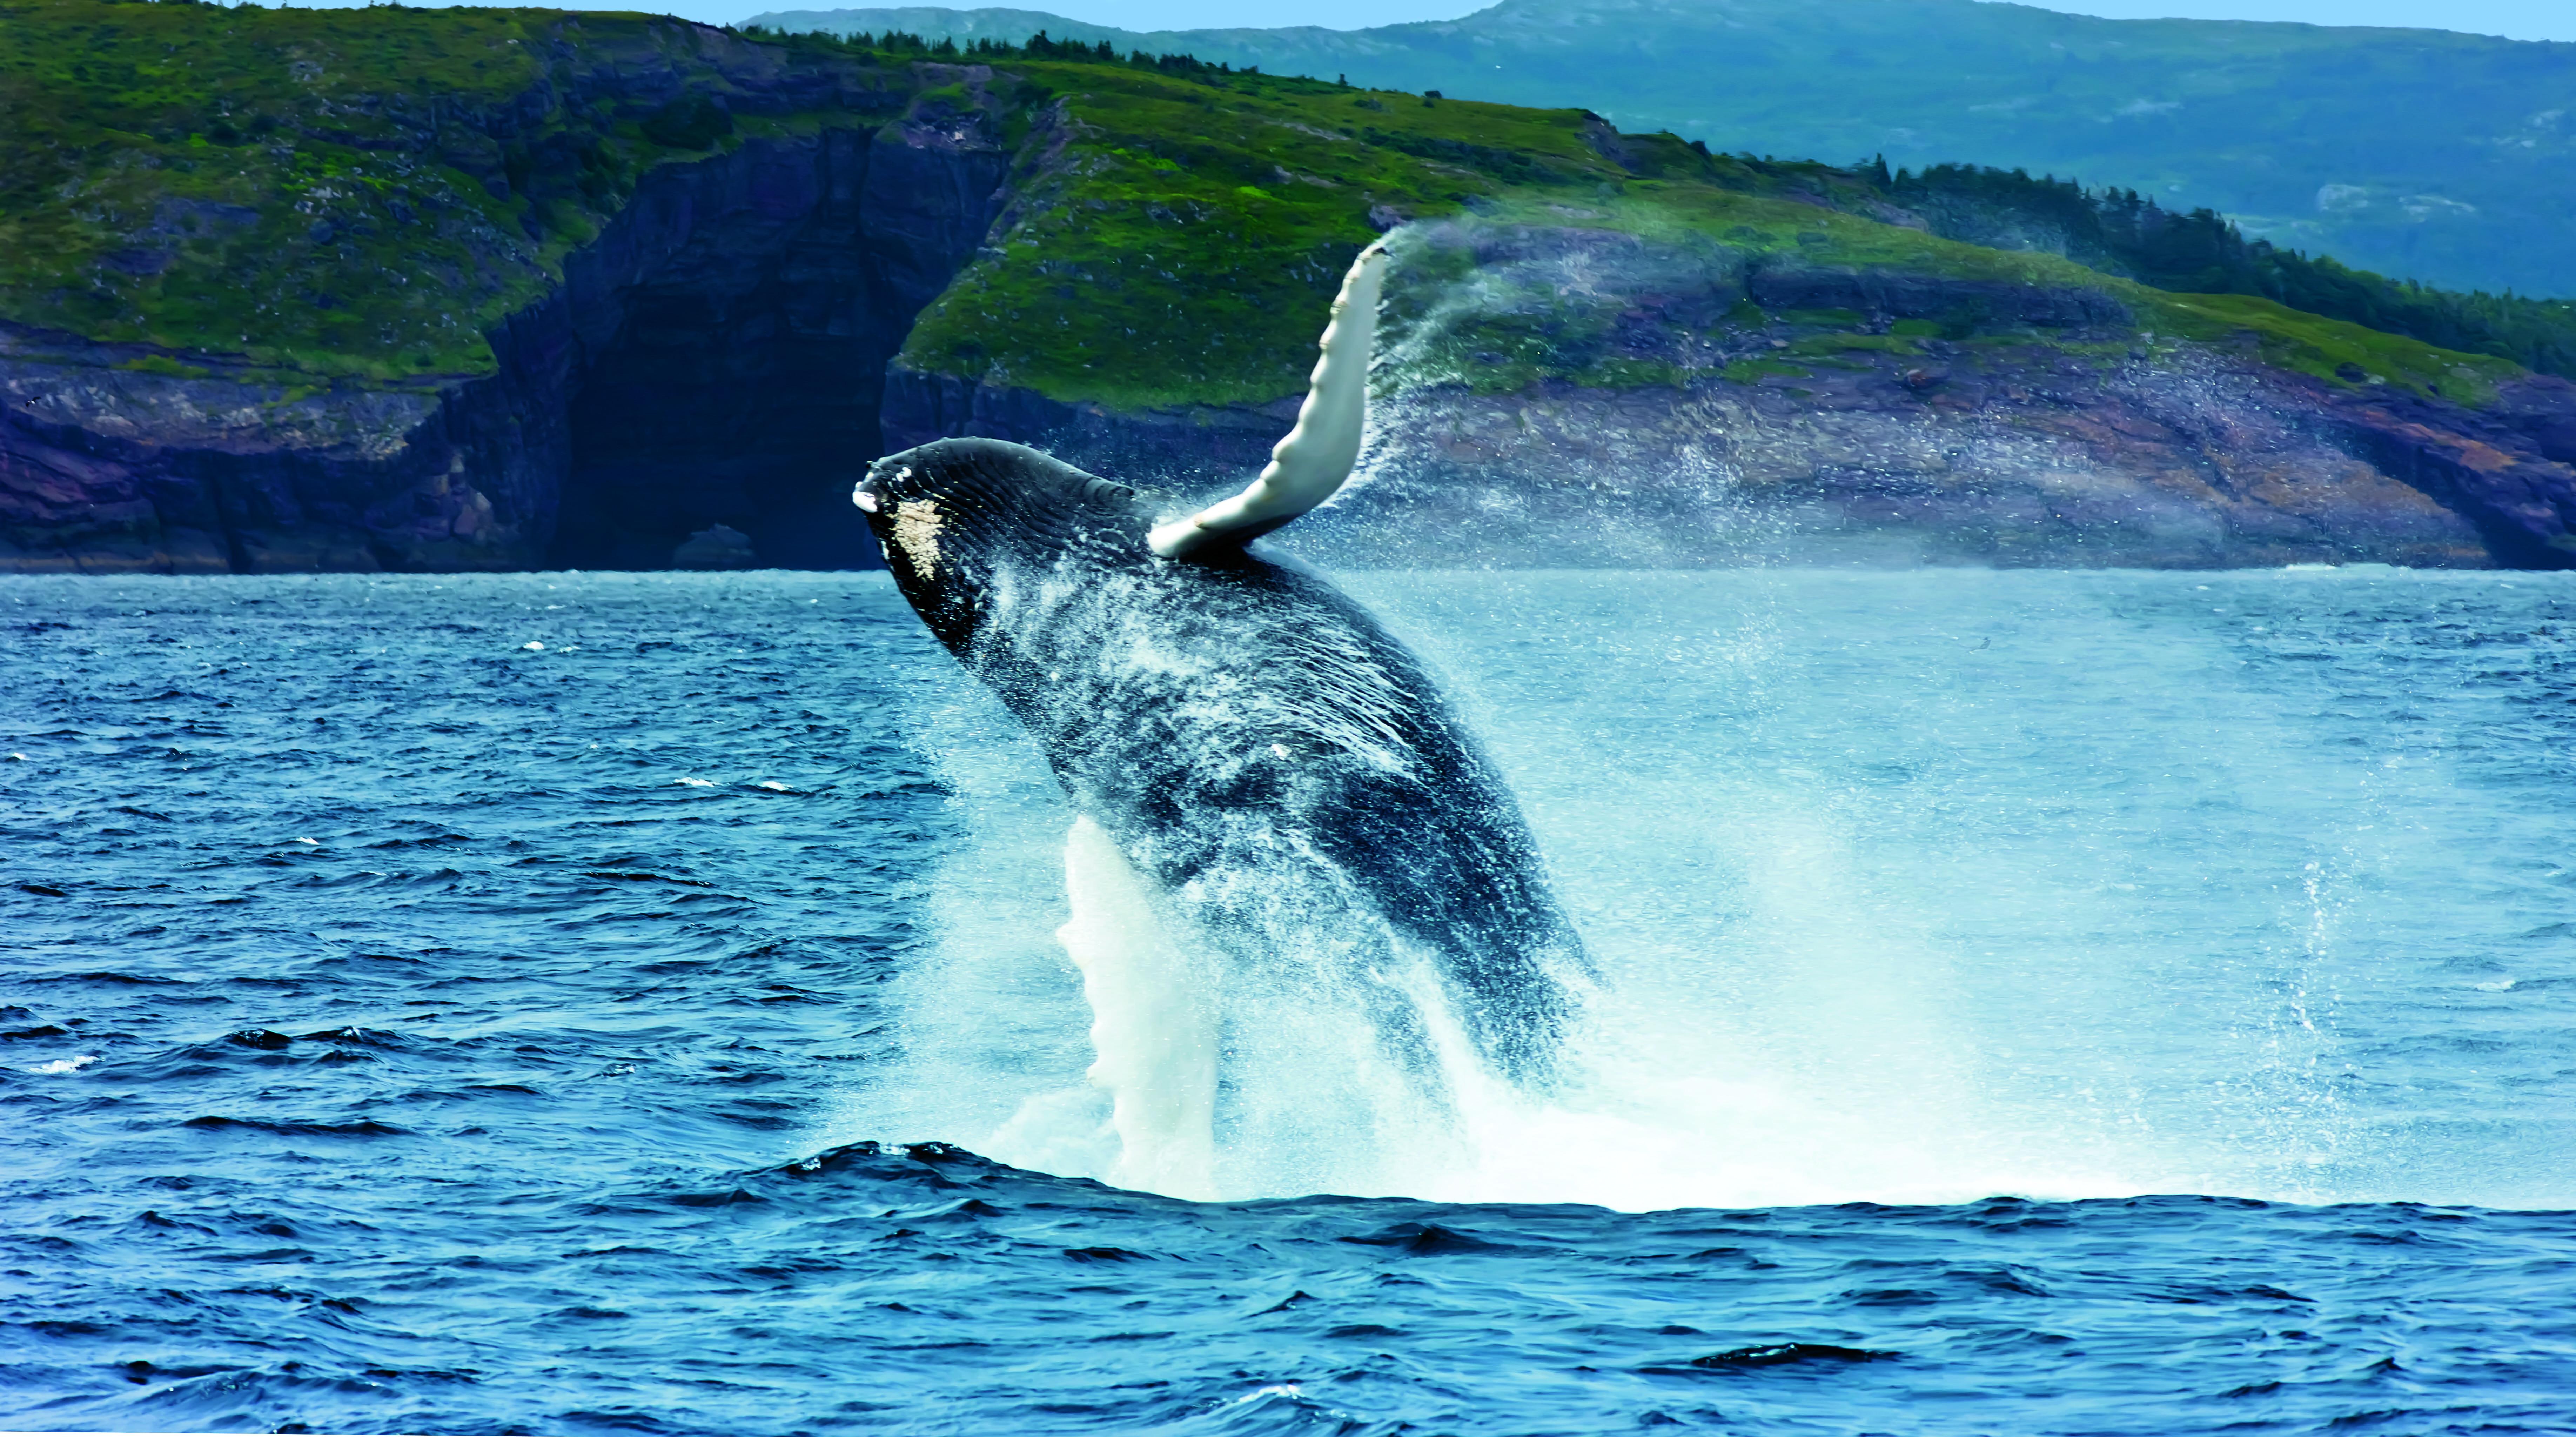 Whale Moves 101 - Newfoundland and Labrador, Canada